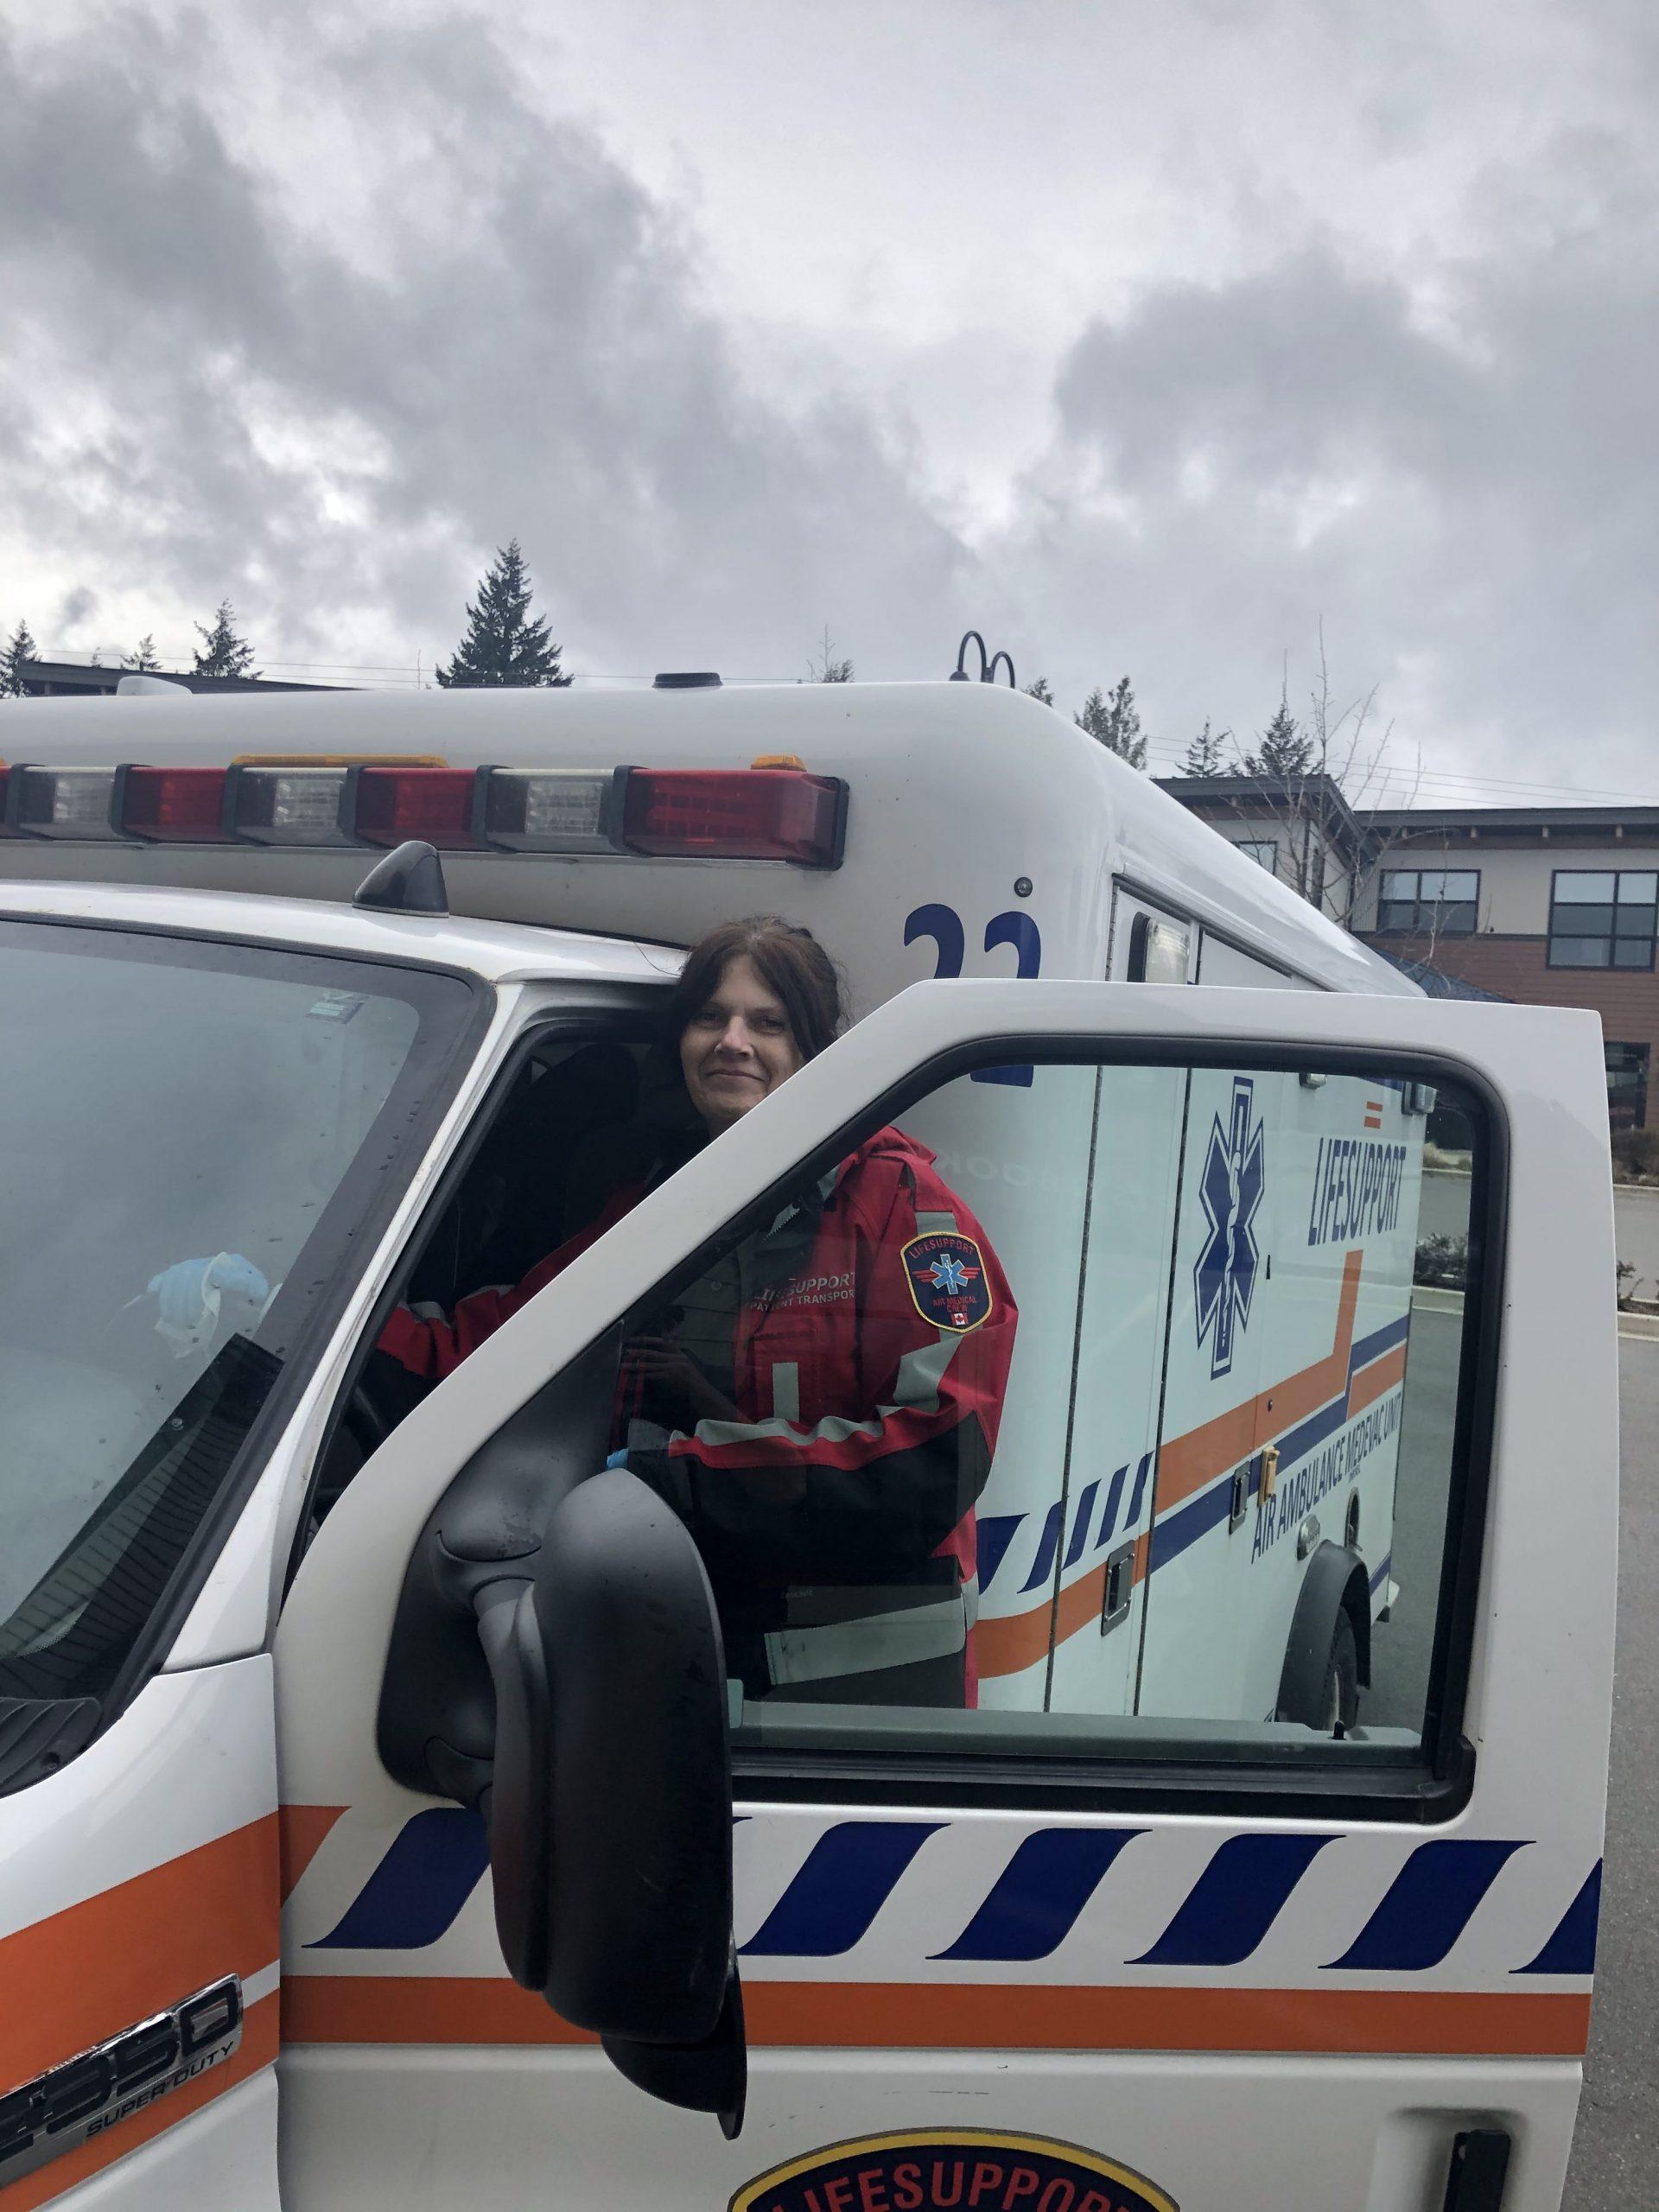 alberta patient transfer hospital ambulance min